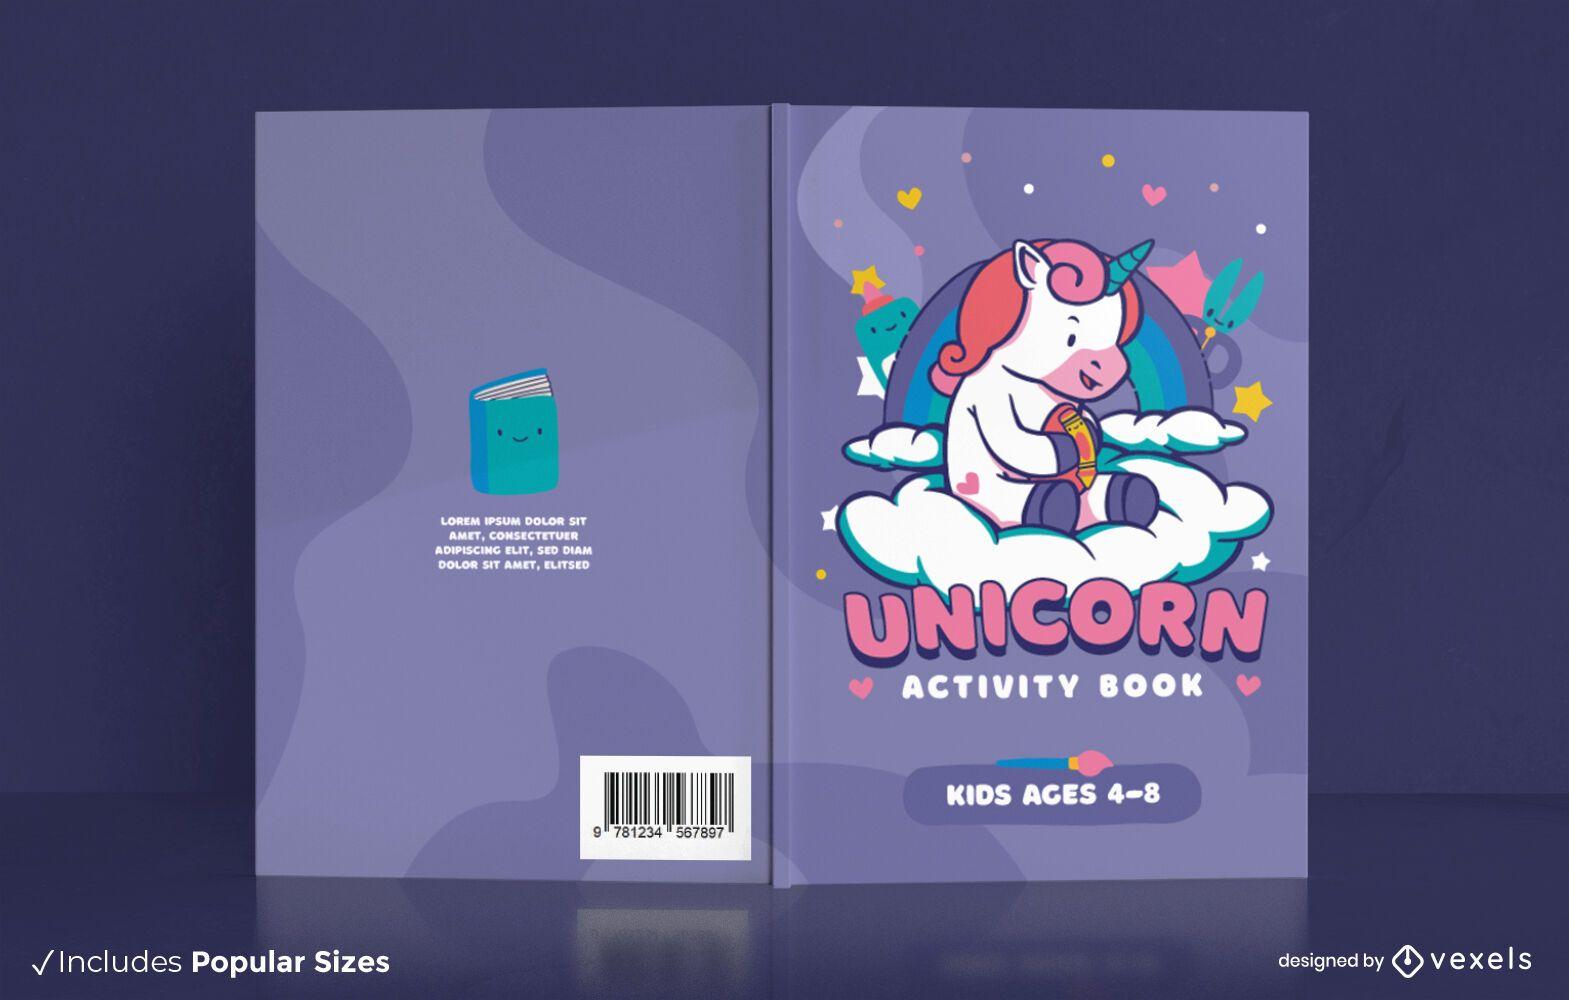 Unicorn activity book for children cover design